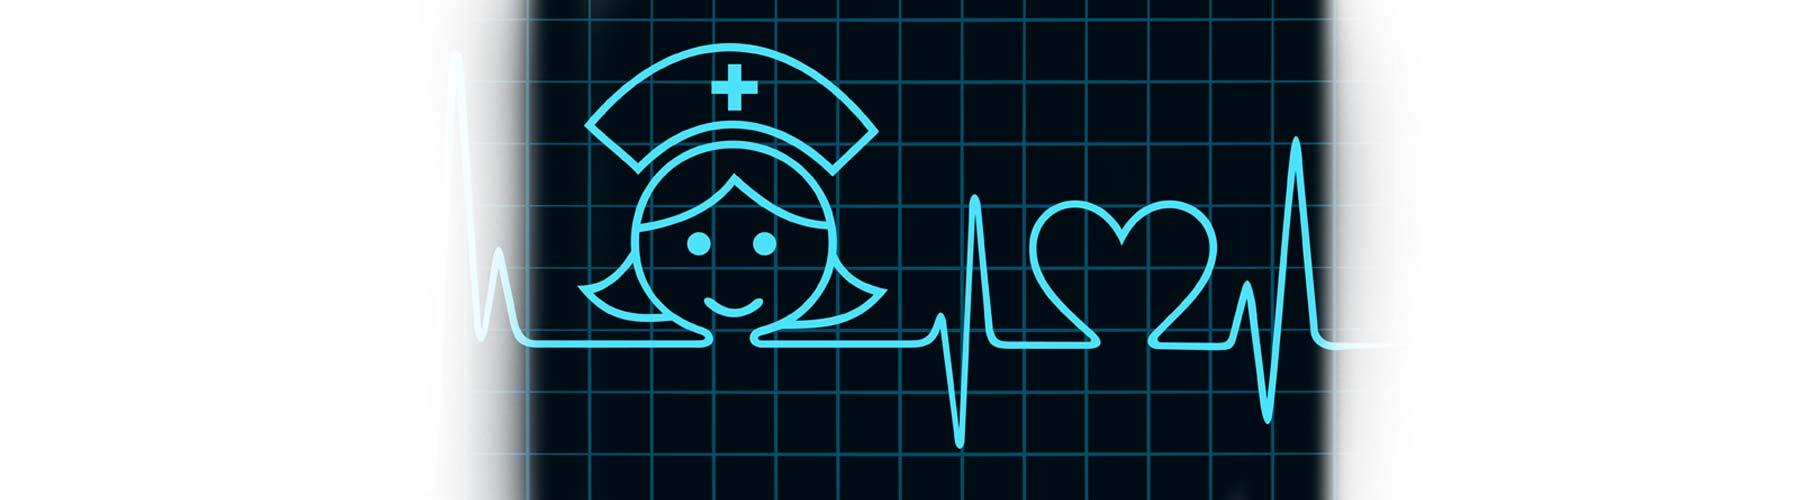 Frases Célebres De Enfermería Blog De Enfermería